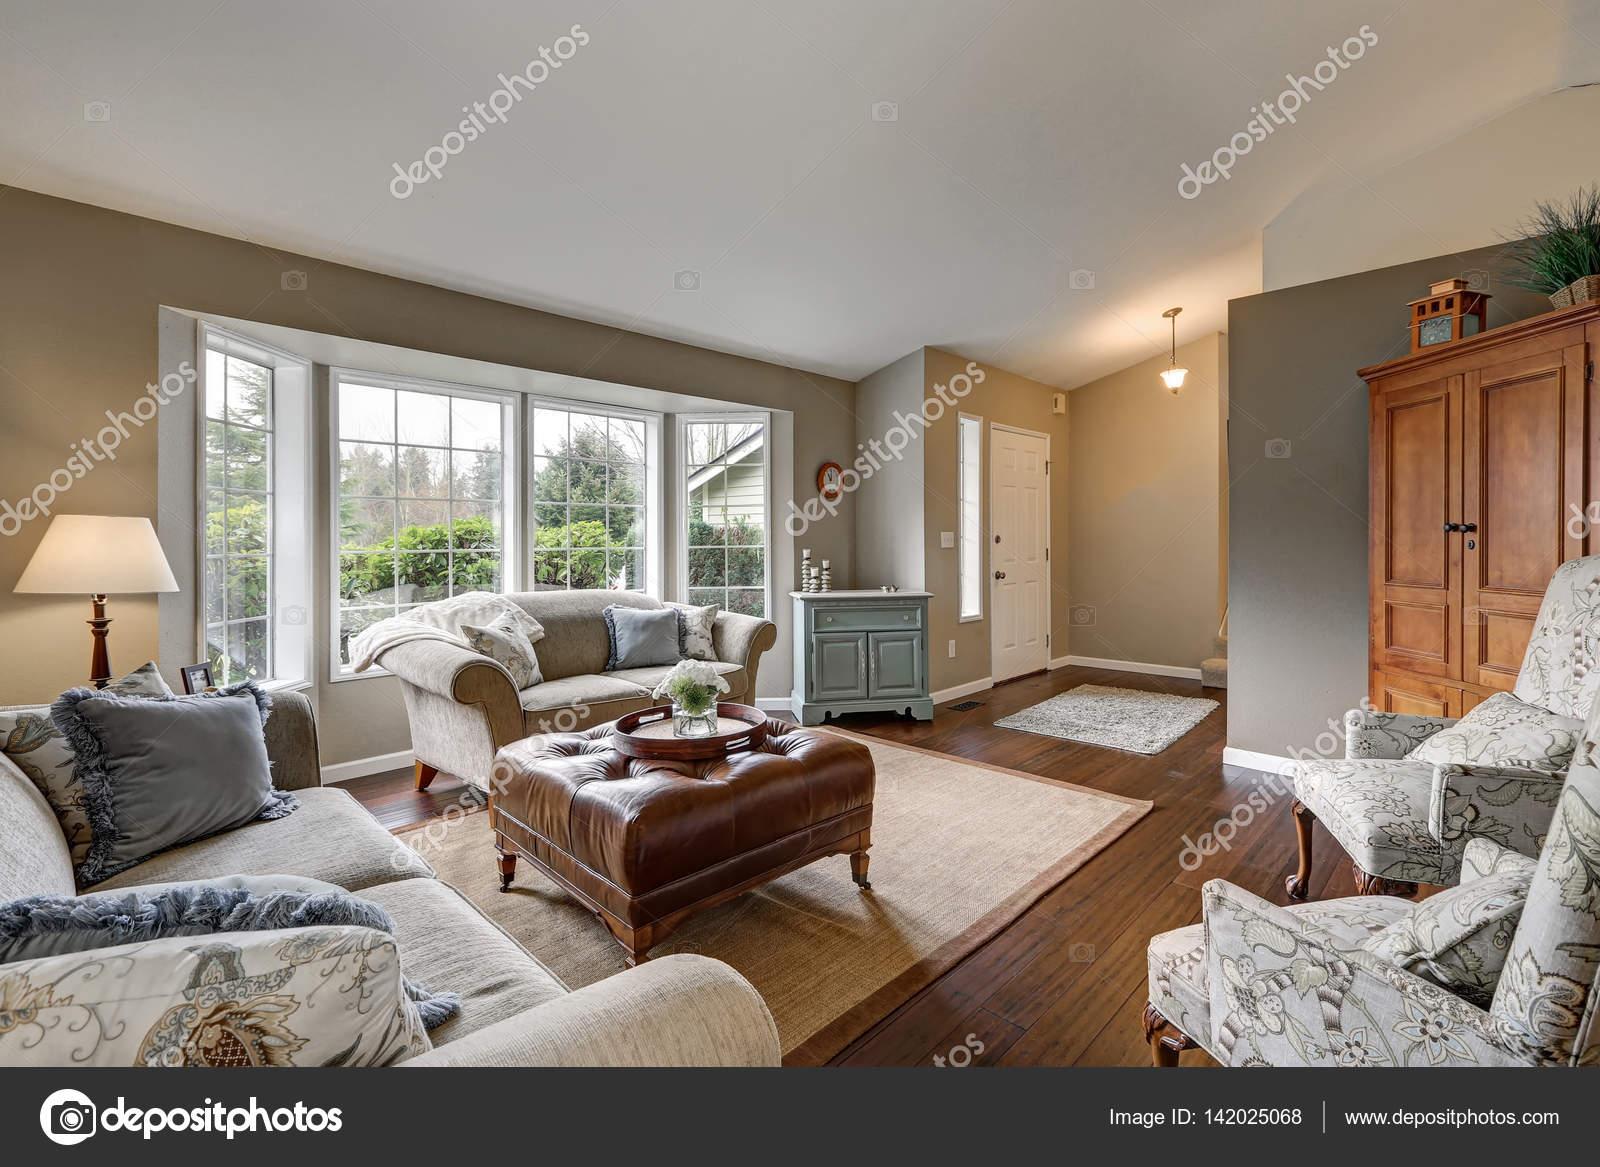 Gemütliche Familienzimmer Interieur mit traditionellen ...